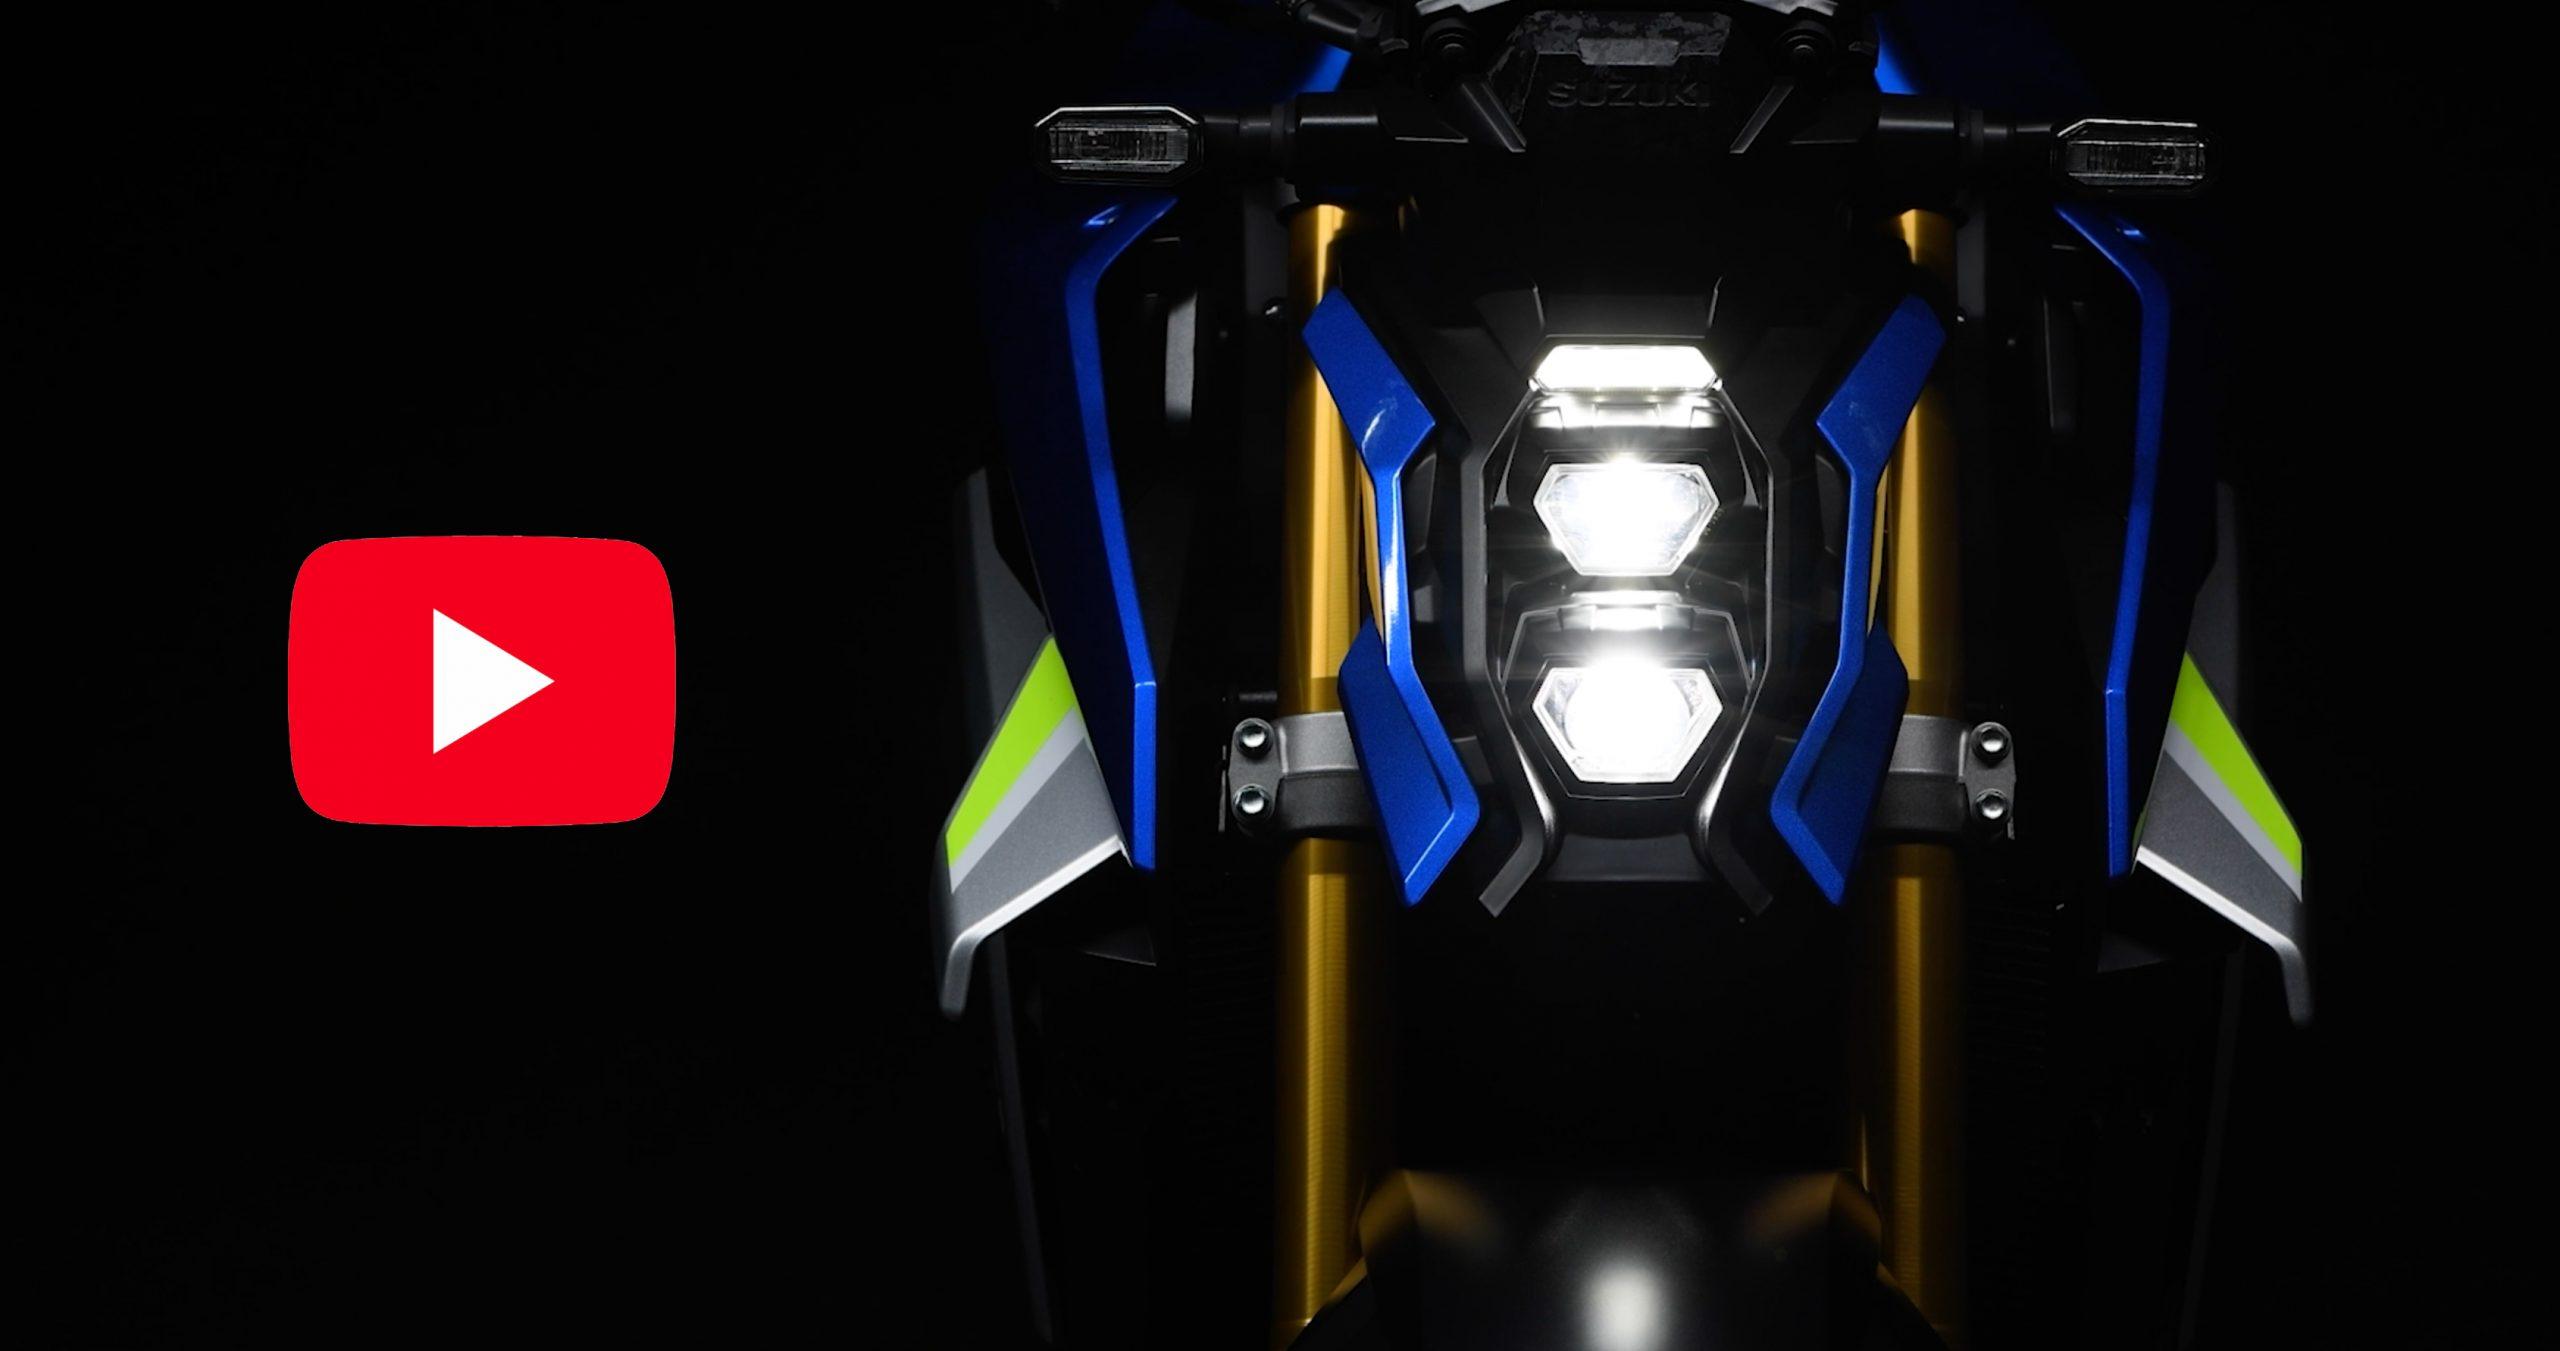 2022 Suzuki GSX-S1000 video